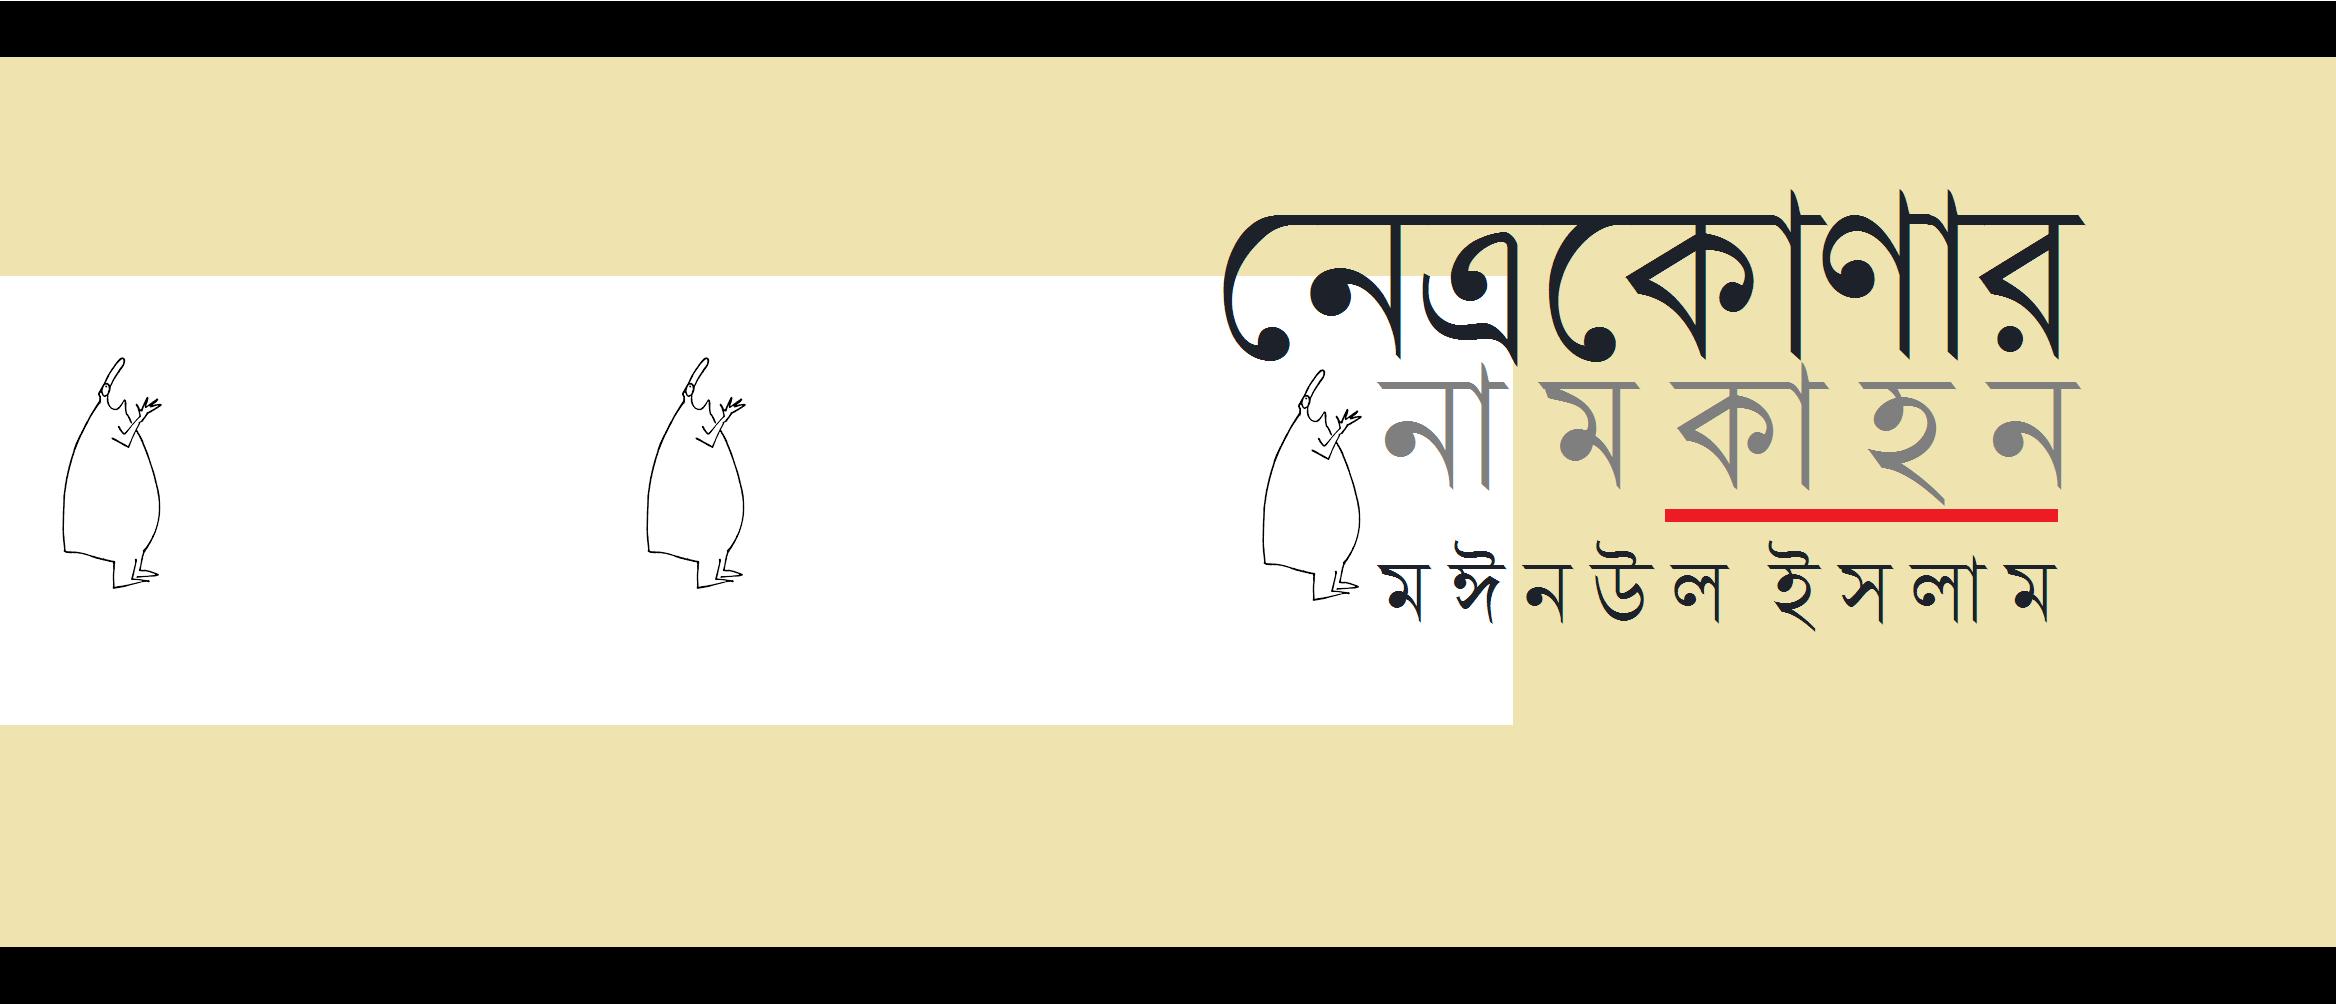 নেত্রকোণার নামকাহন || মঈনউল ইসলাম